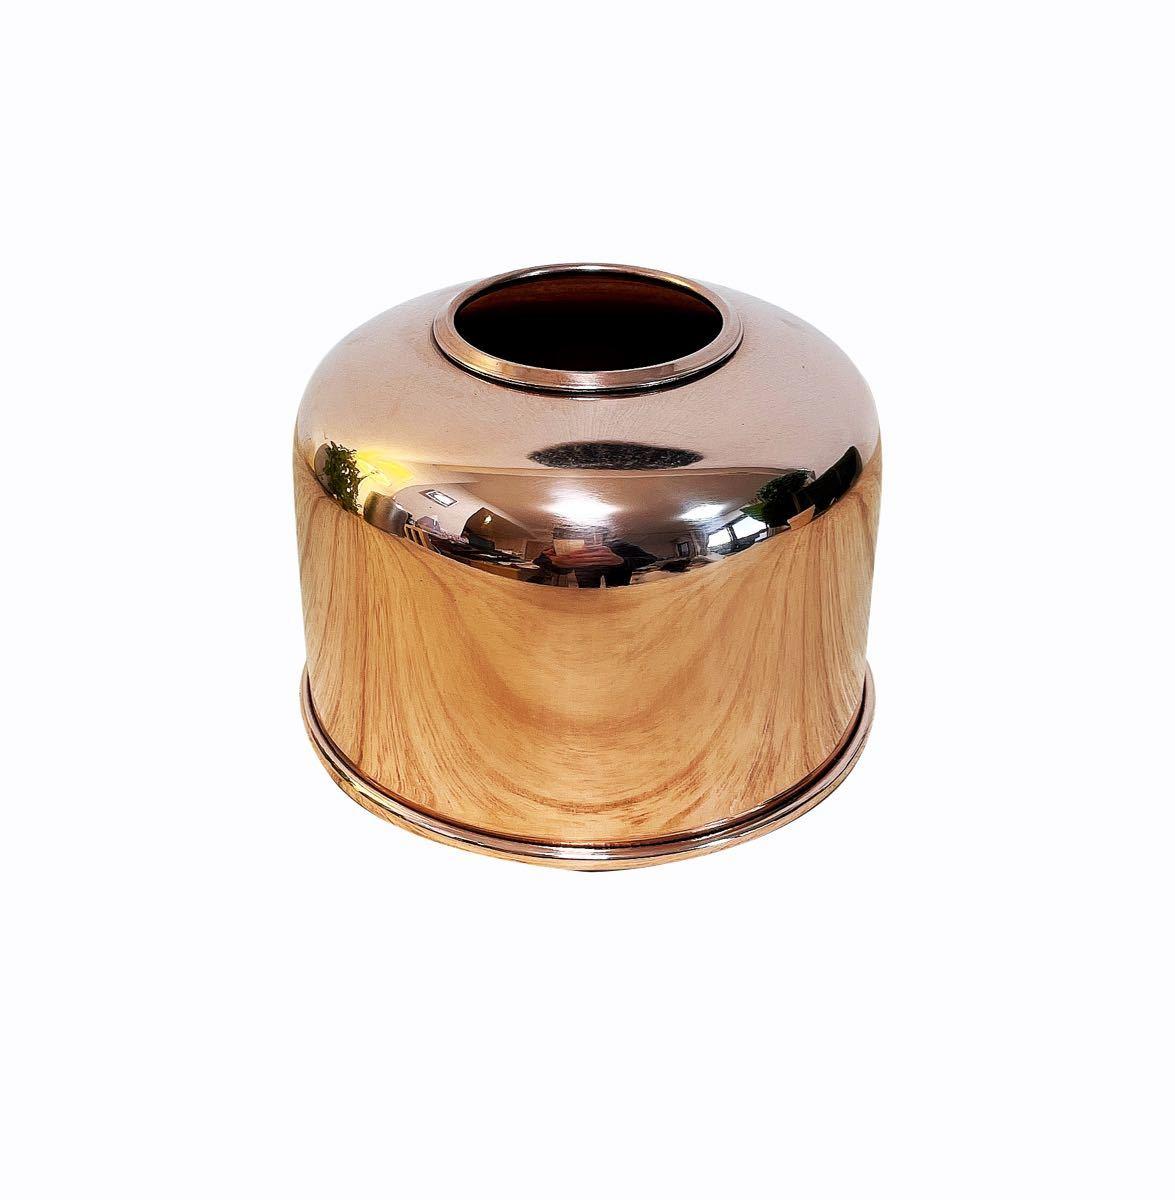 OD缶カバー ガスカートリッジカバー 銅製  鏡面仕上げ!ガスランタンカバー